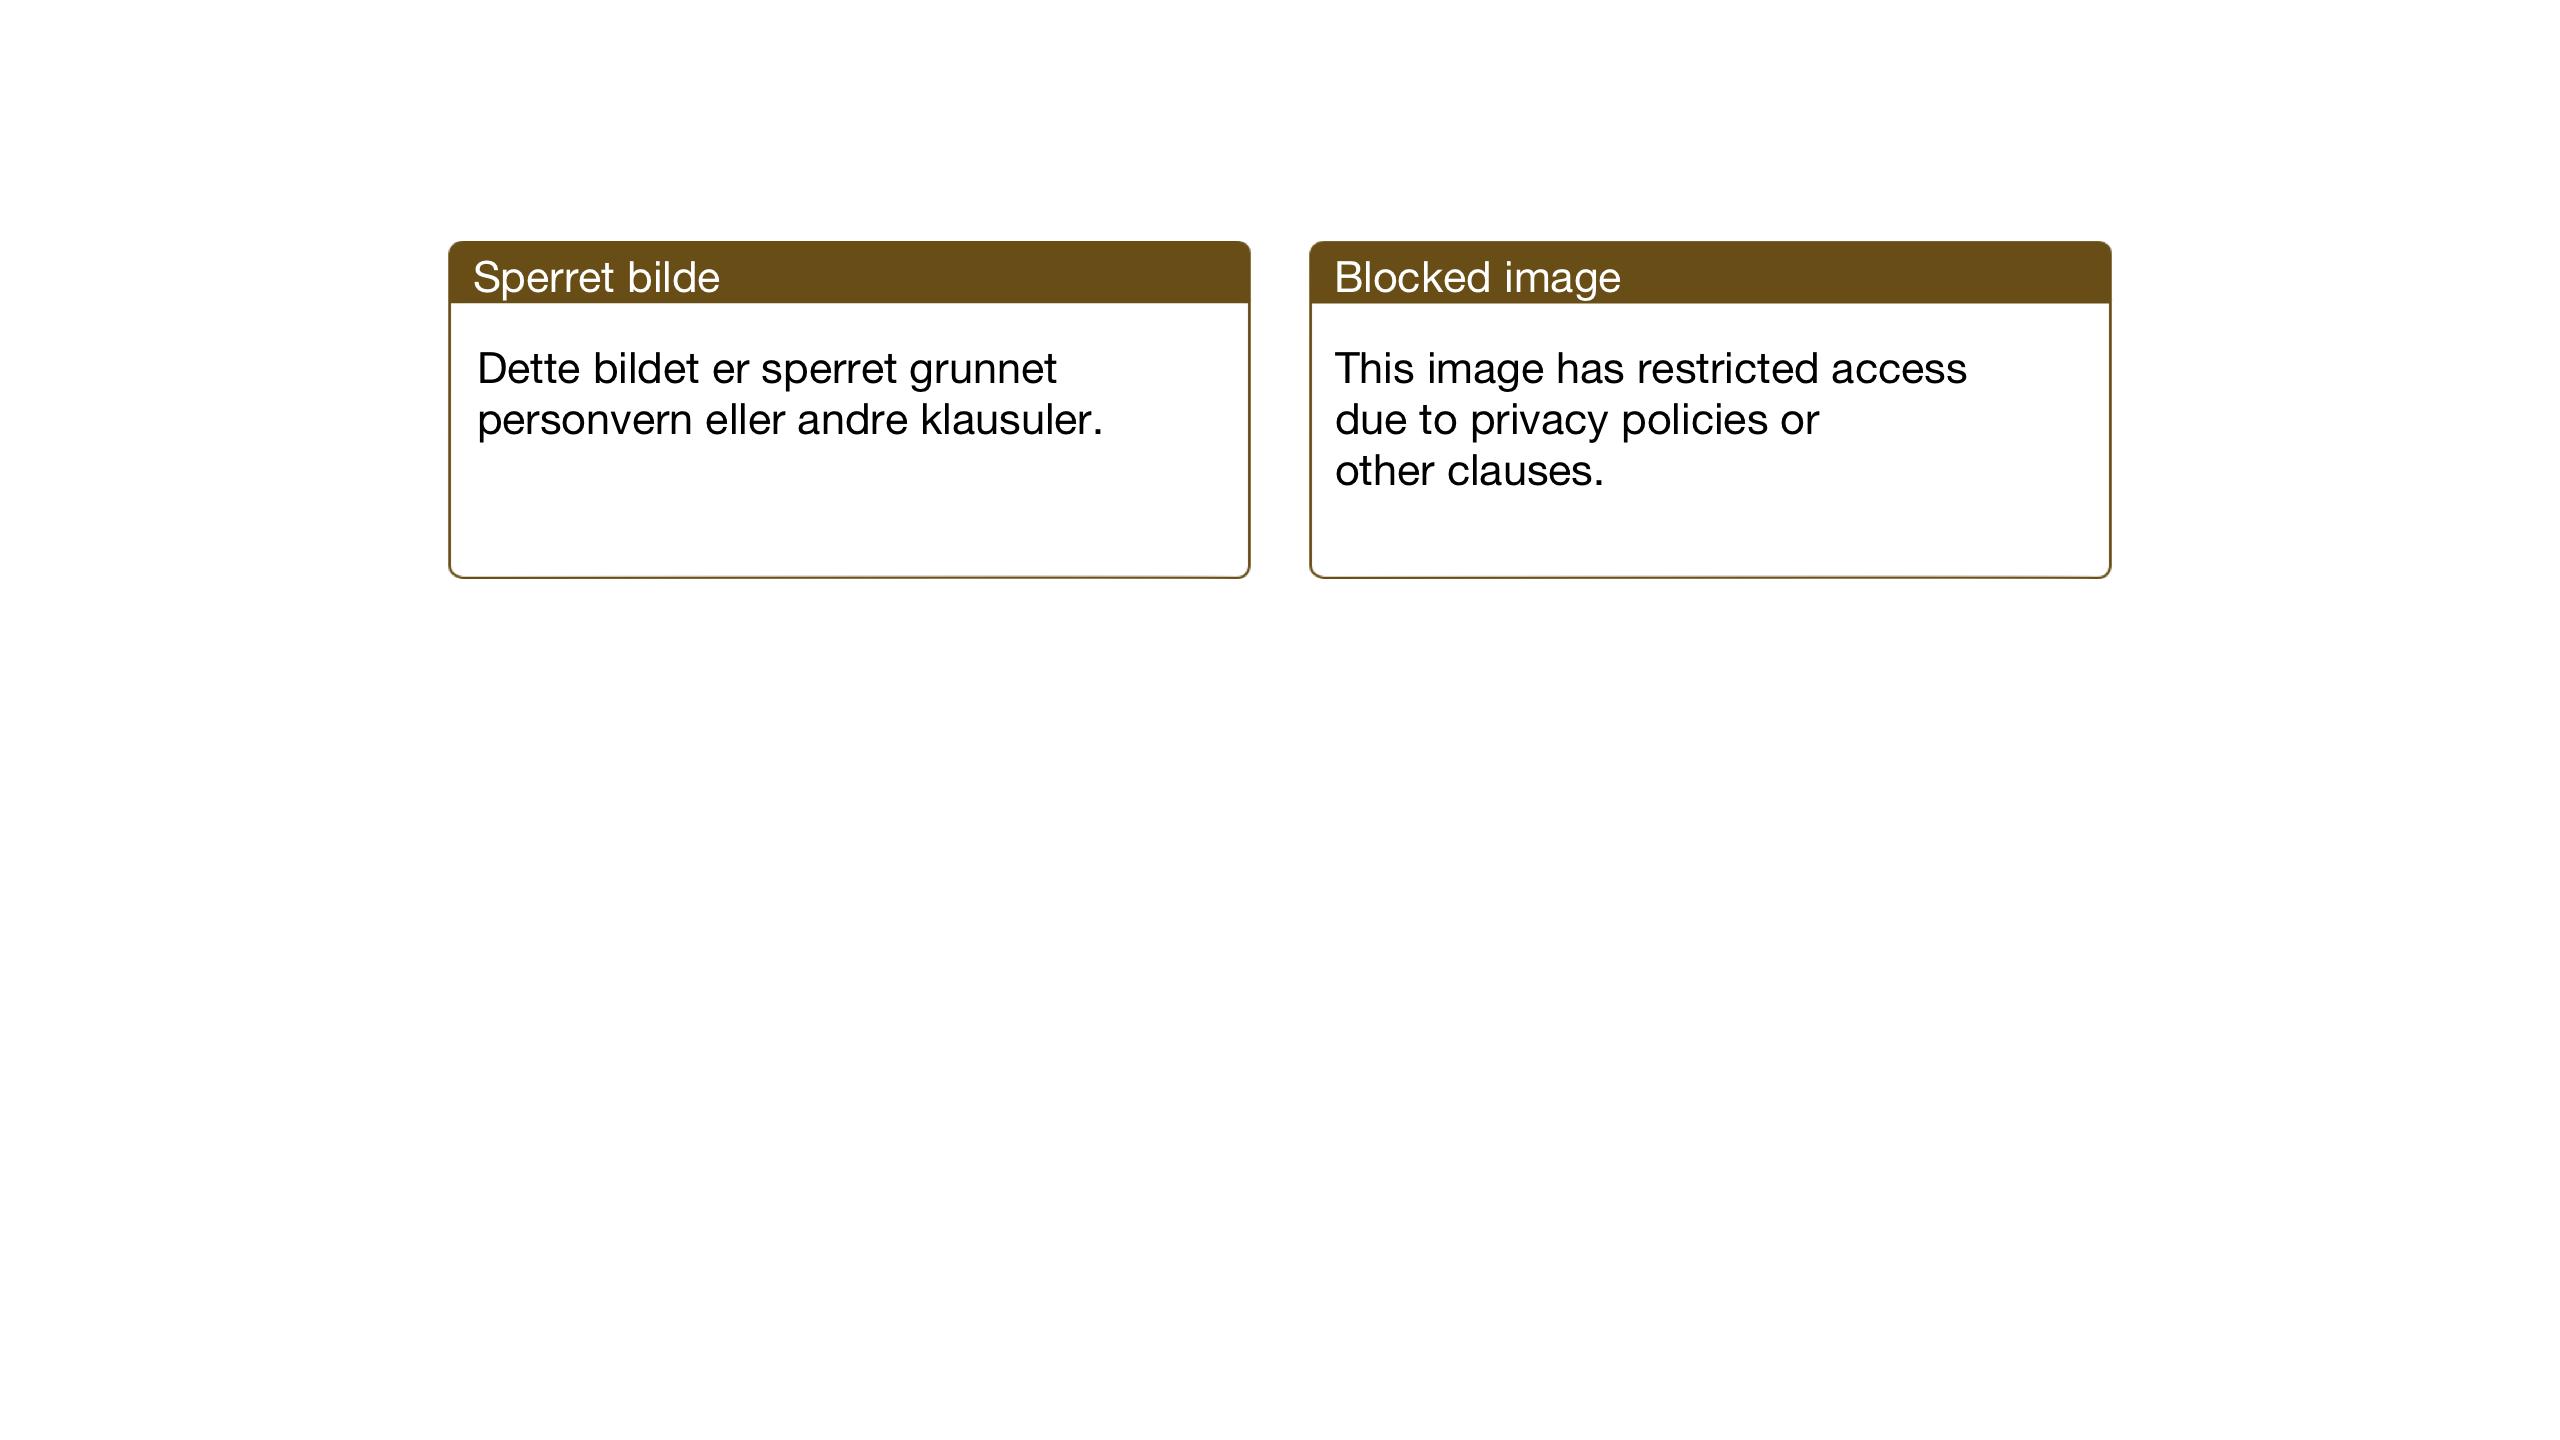 SAT, Ministerialprotokoller, klokkerbøker og fødselsregistre - Sør-Trøndelag, 675/L0888: Klokkerbok nr. 675C01, 1913-1935, s. 66